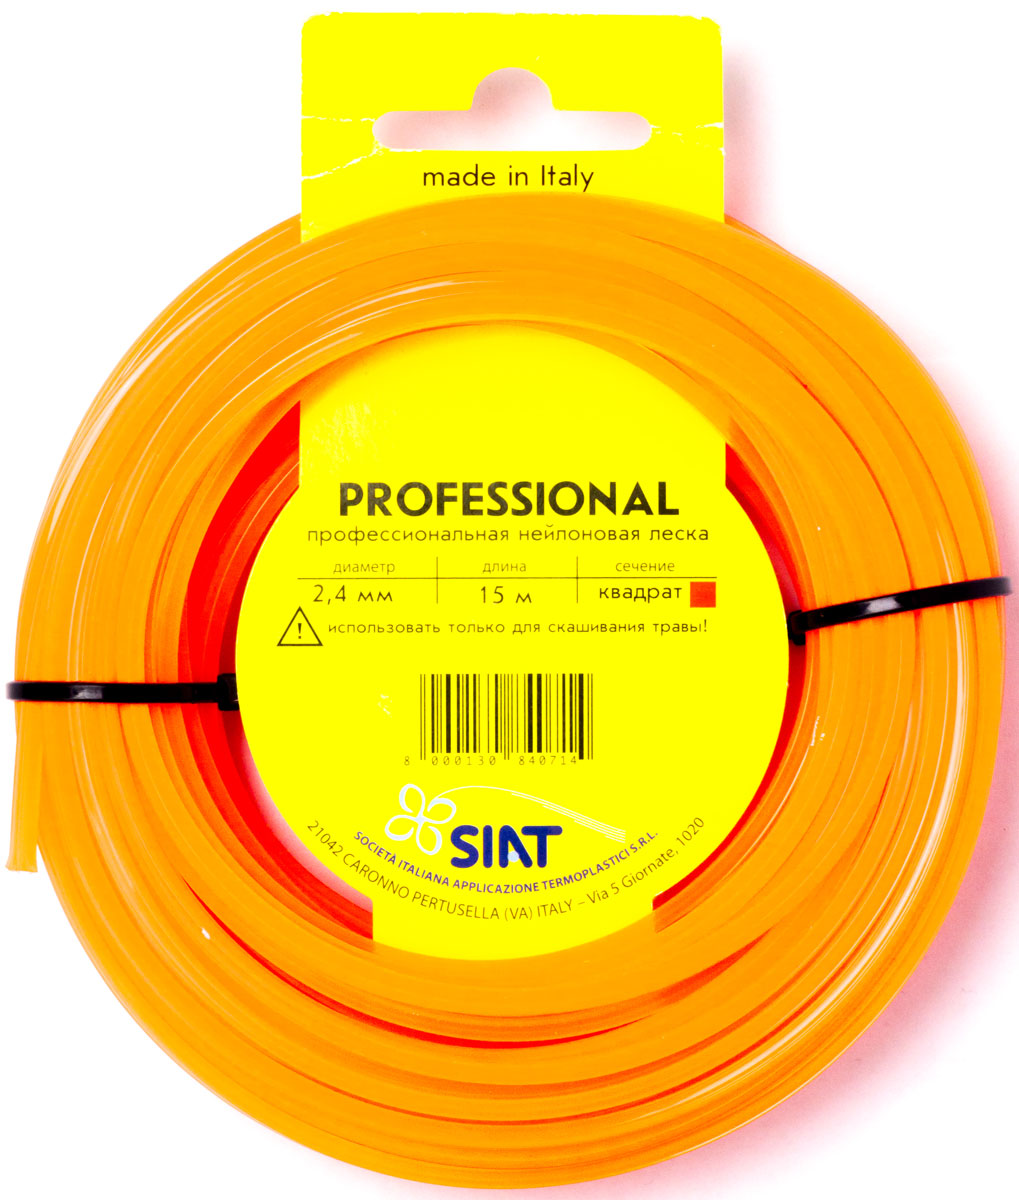 Леска для триммера Siat Professional Siat. Квадрат, диаметр 2,4 мм, длина 15 м2615S545JBПрофессиональная нейлоновая леска высокой прочности и гибкости